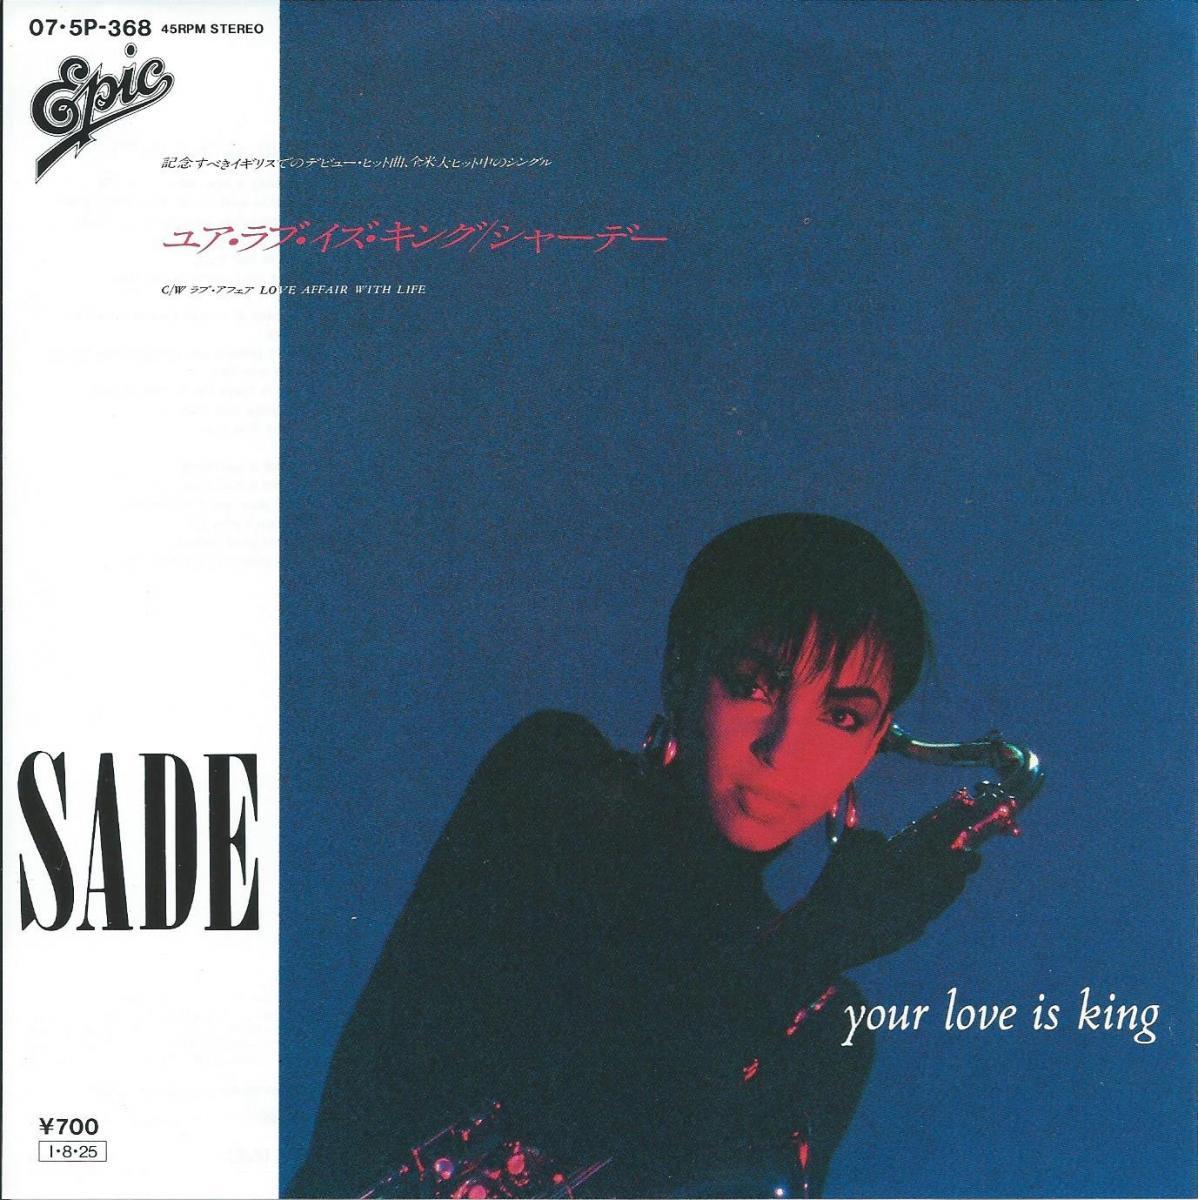 シャーデー SADE / ユア・ラブ・イズ・キング YOUR LOVE IS KING (7